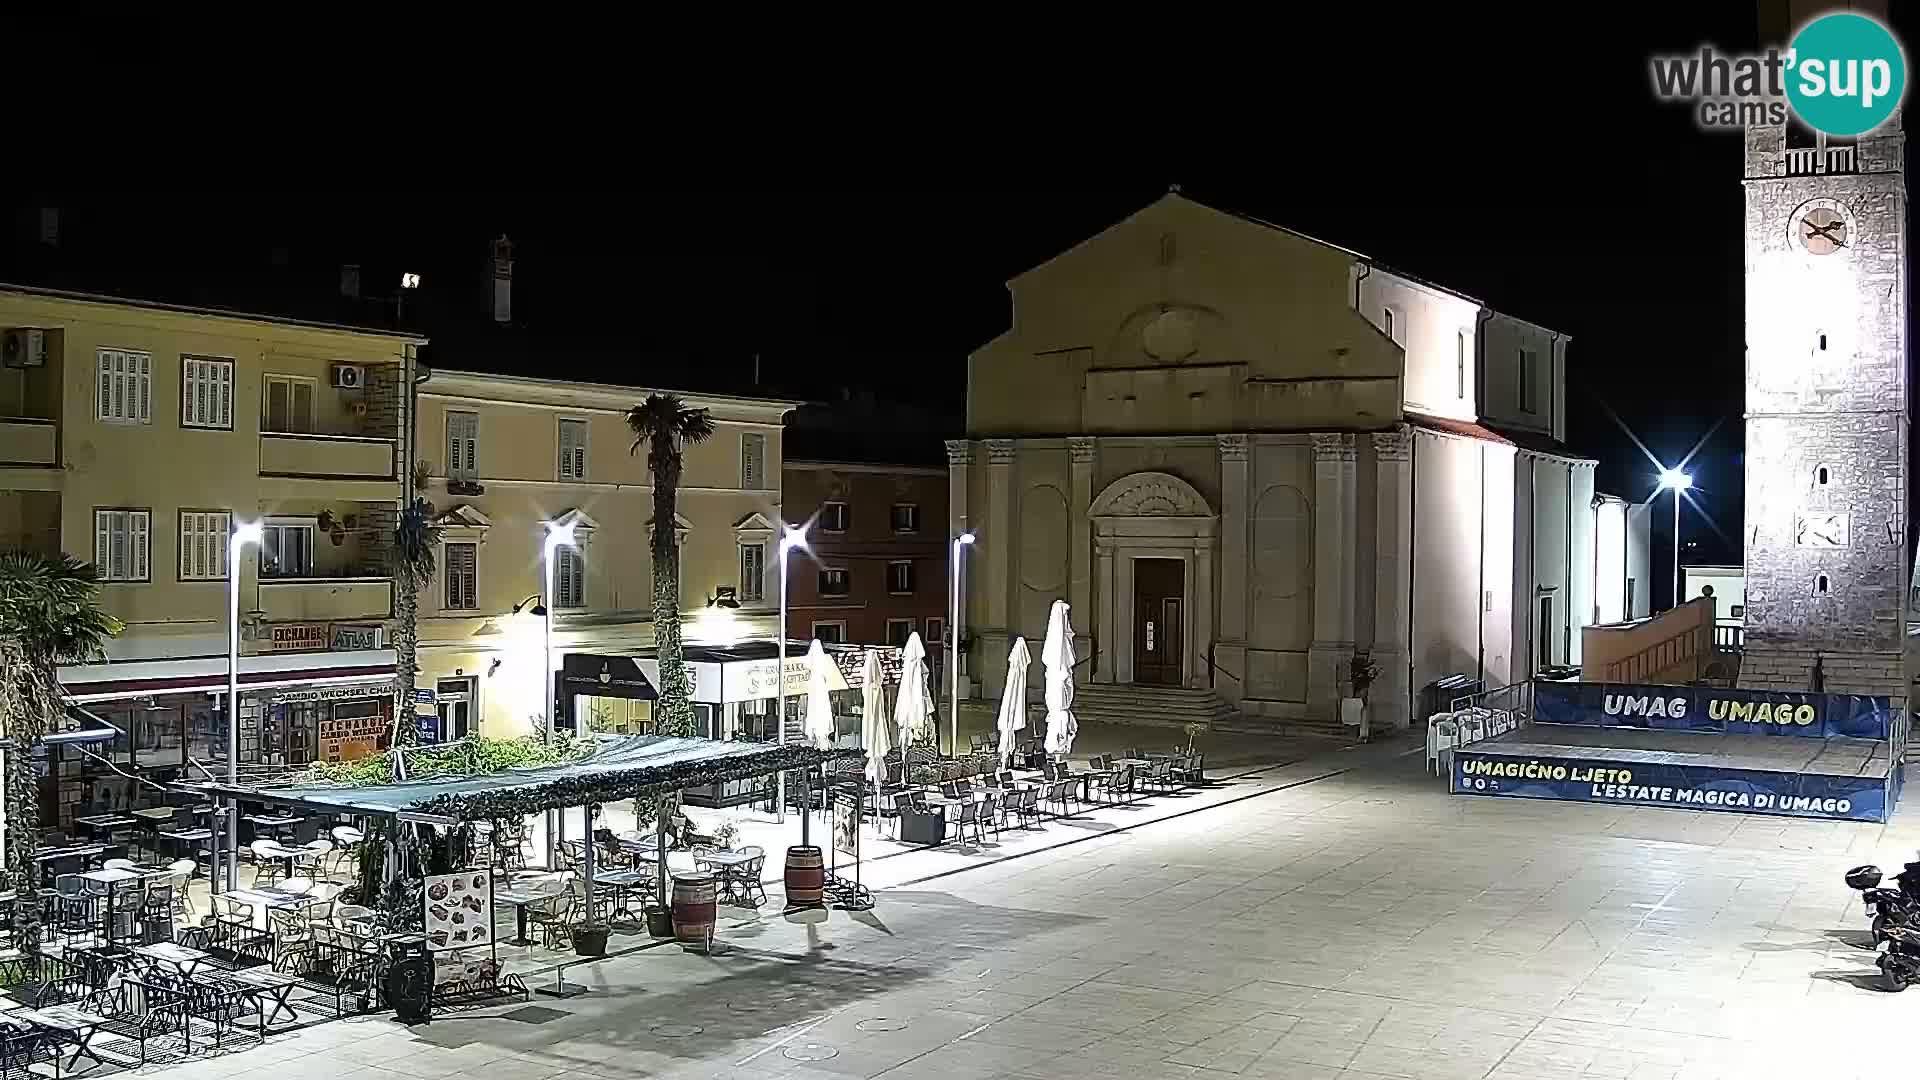 Piazza principale Umago Live Webcam